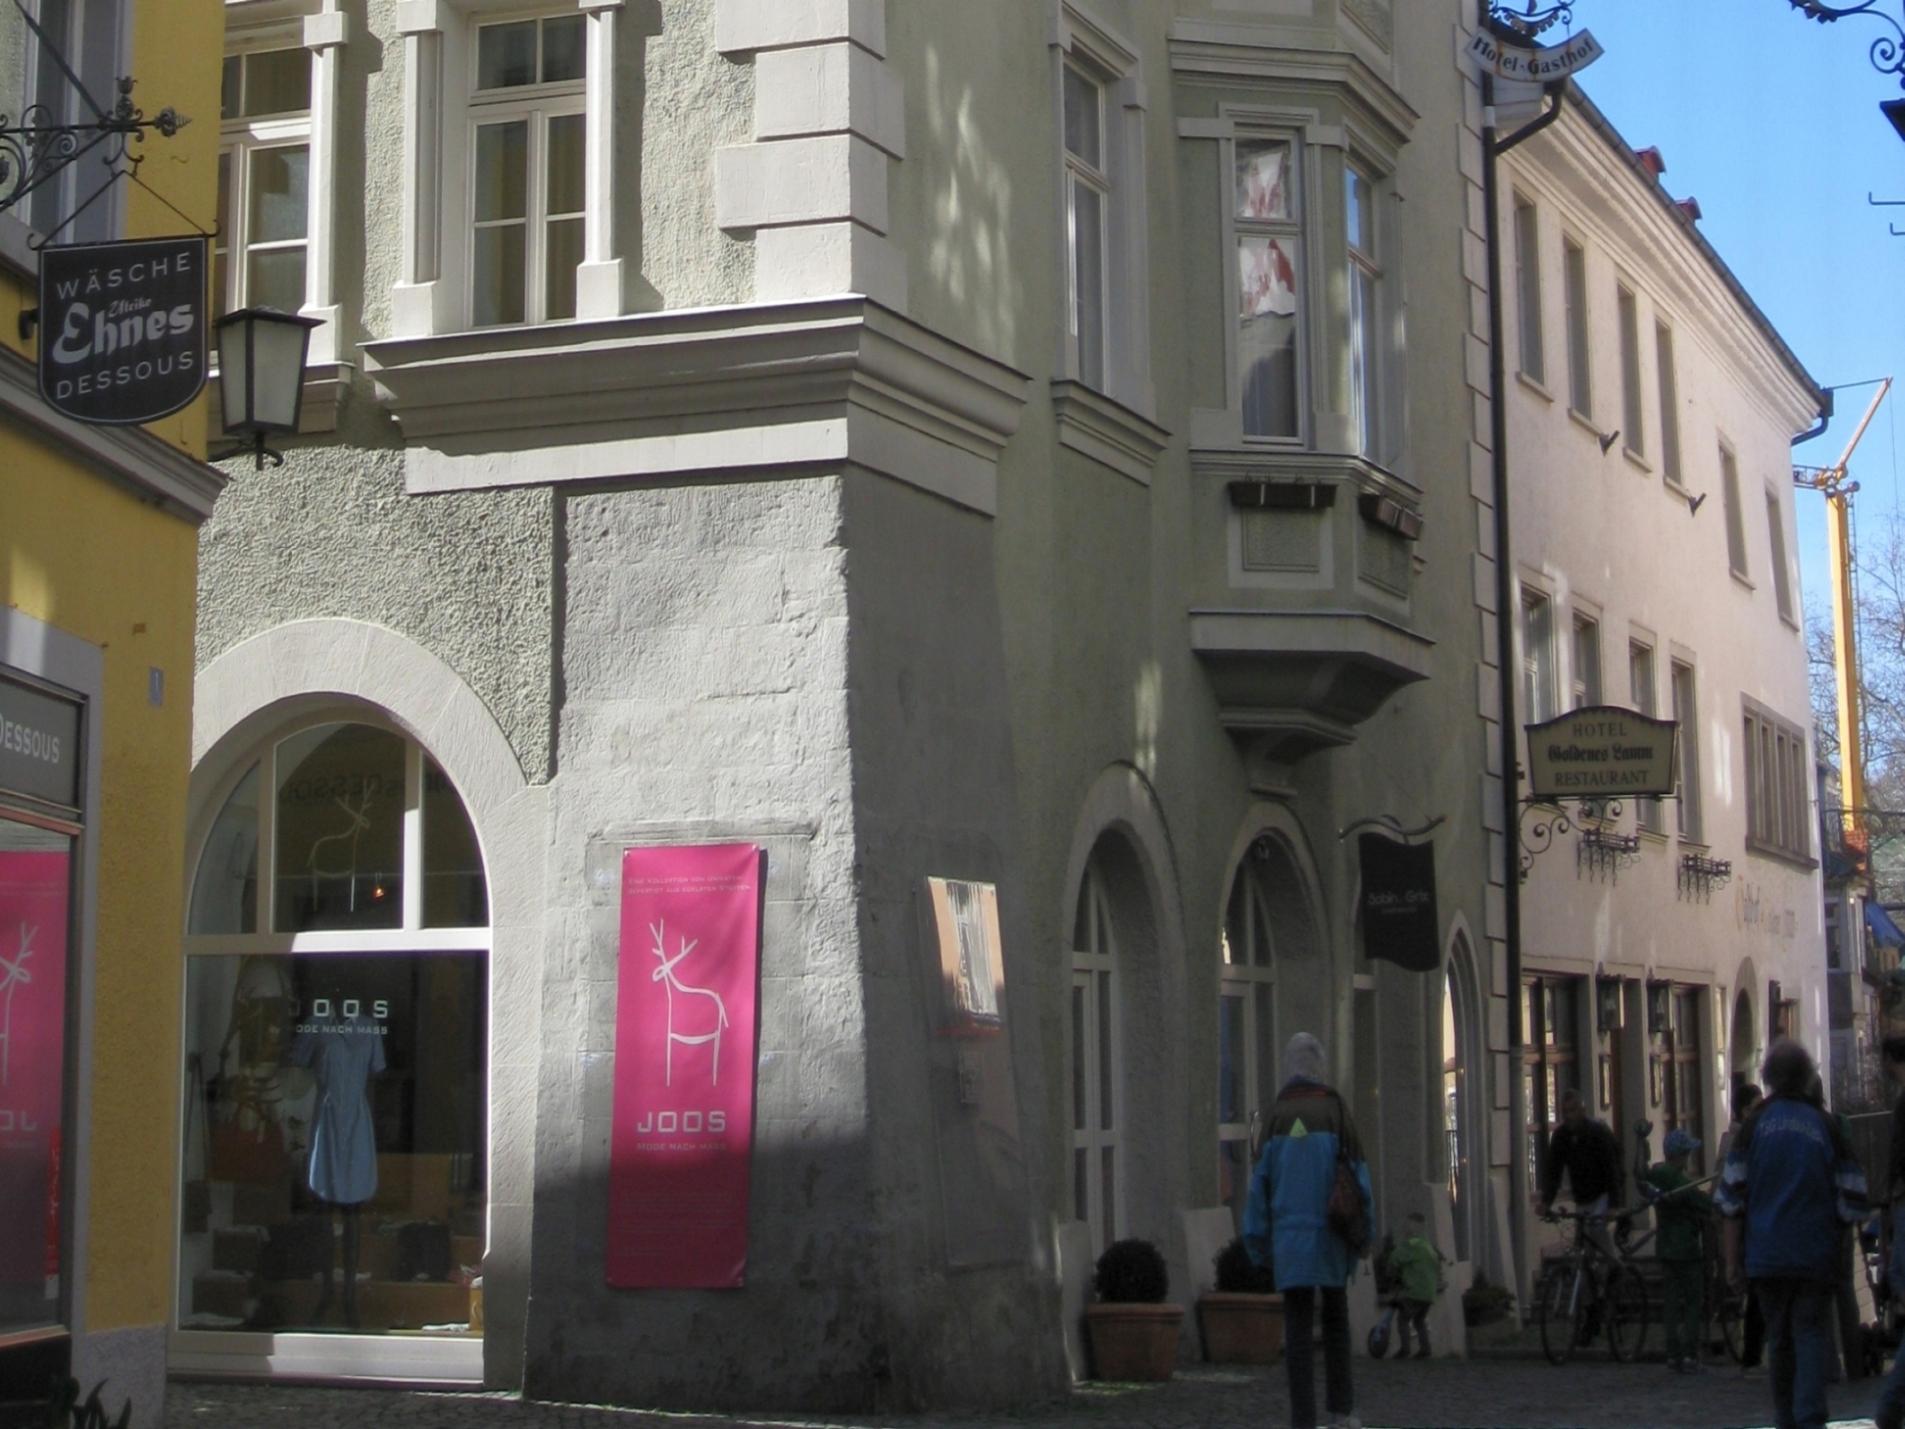 Ferienwohnung Damkröger, (Lindau am Bodensee). Ferienwohnung, 56 qm, 1 Wohn/Schlafraum, max. 4 Personen (1492589), Lindau, Bodensee (D), Baden-Württemberg, Deutschland, Bild 2